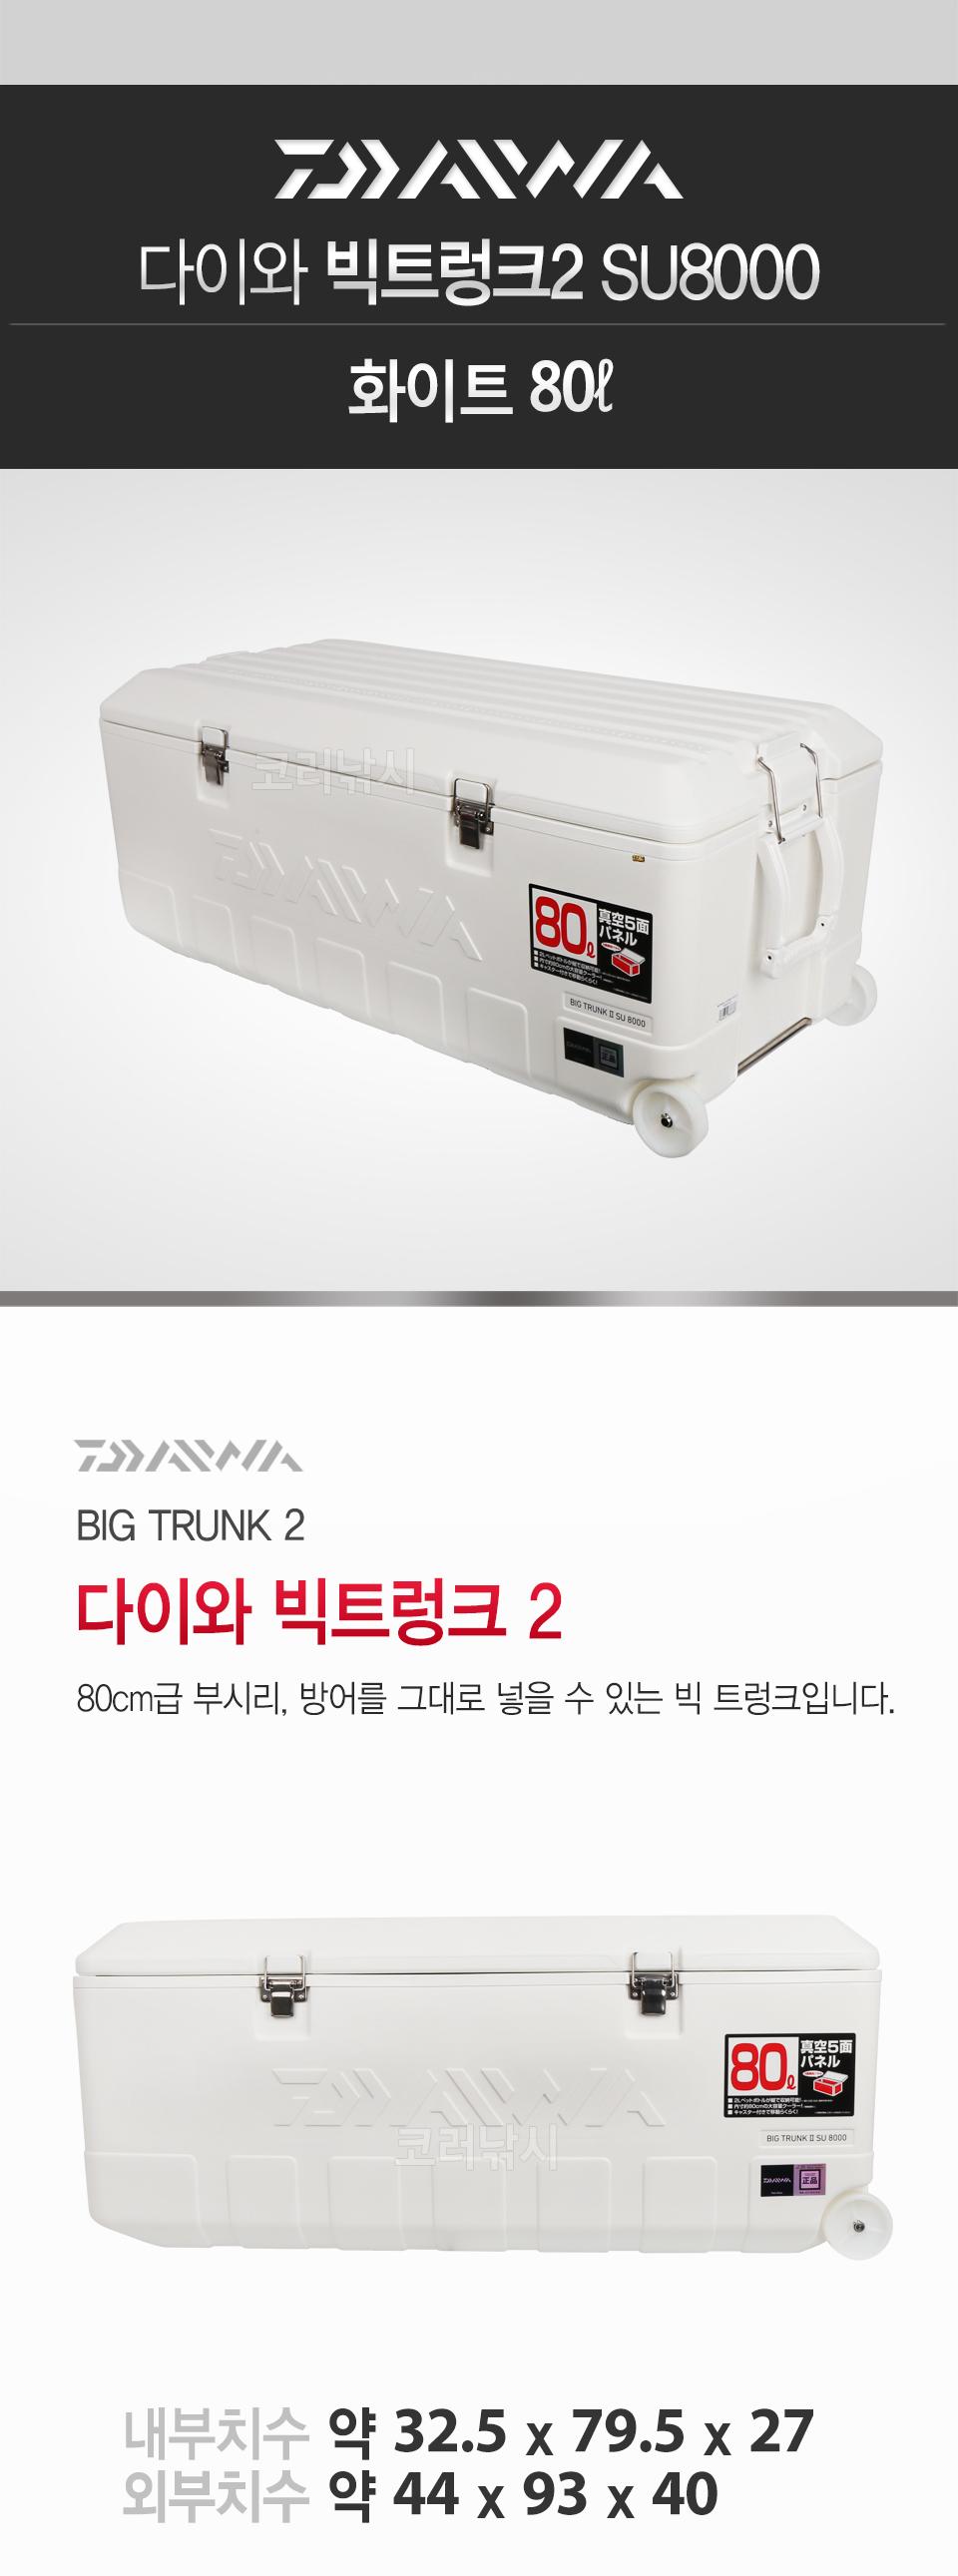 다이와 빅트렁크 2 (BIG TRUNK 2) SU 8000 (한국다이와 정품) 아이스박스 아이스쿨러 쿨러 아이스팩 아이스 쿨러박스